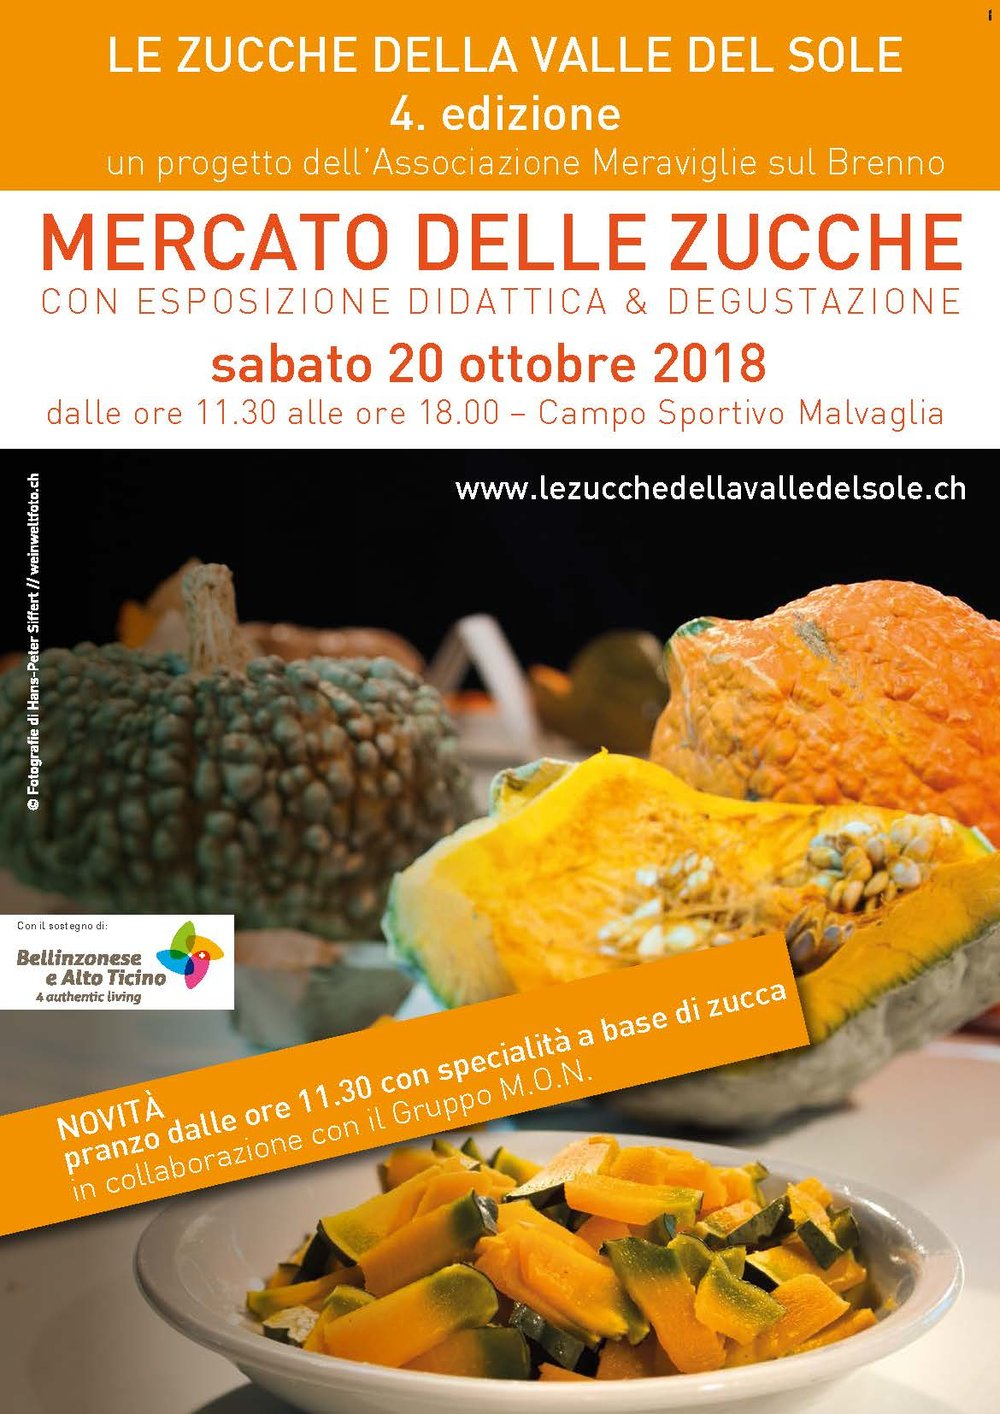 Locandina_Mercato_zucche_2018.jpg